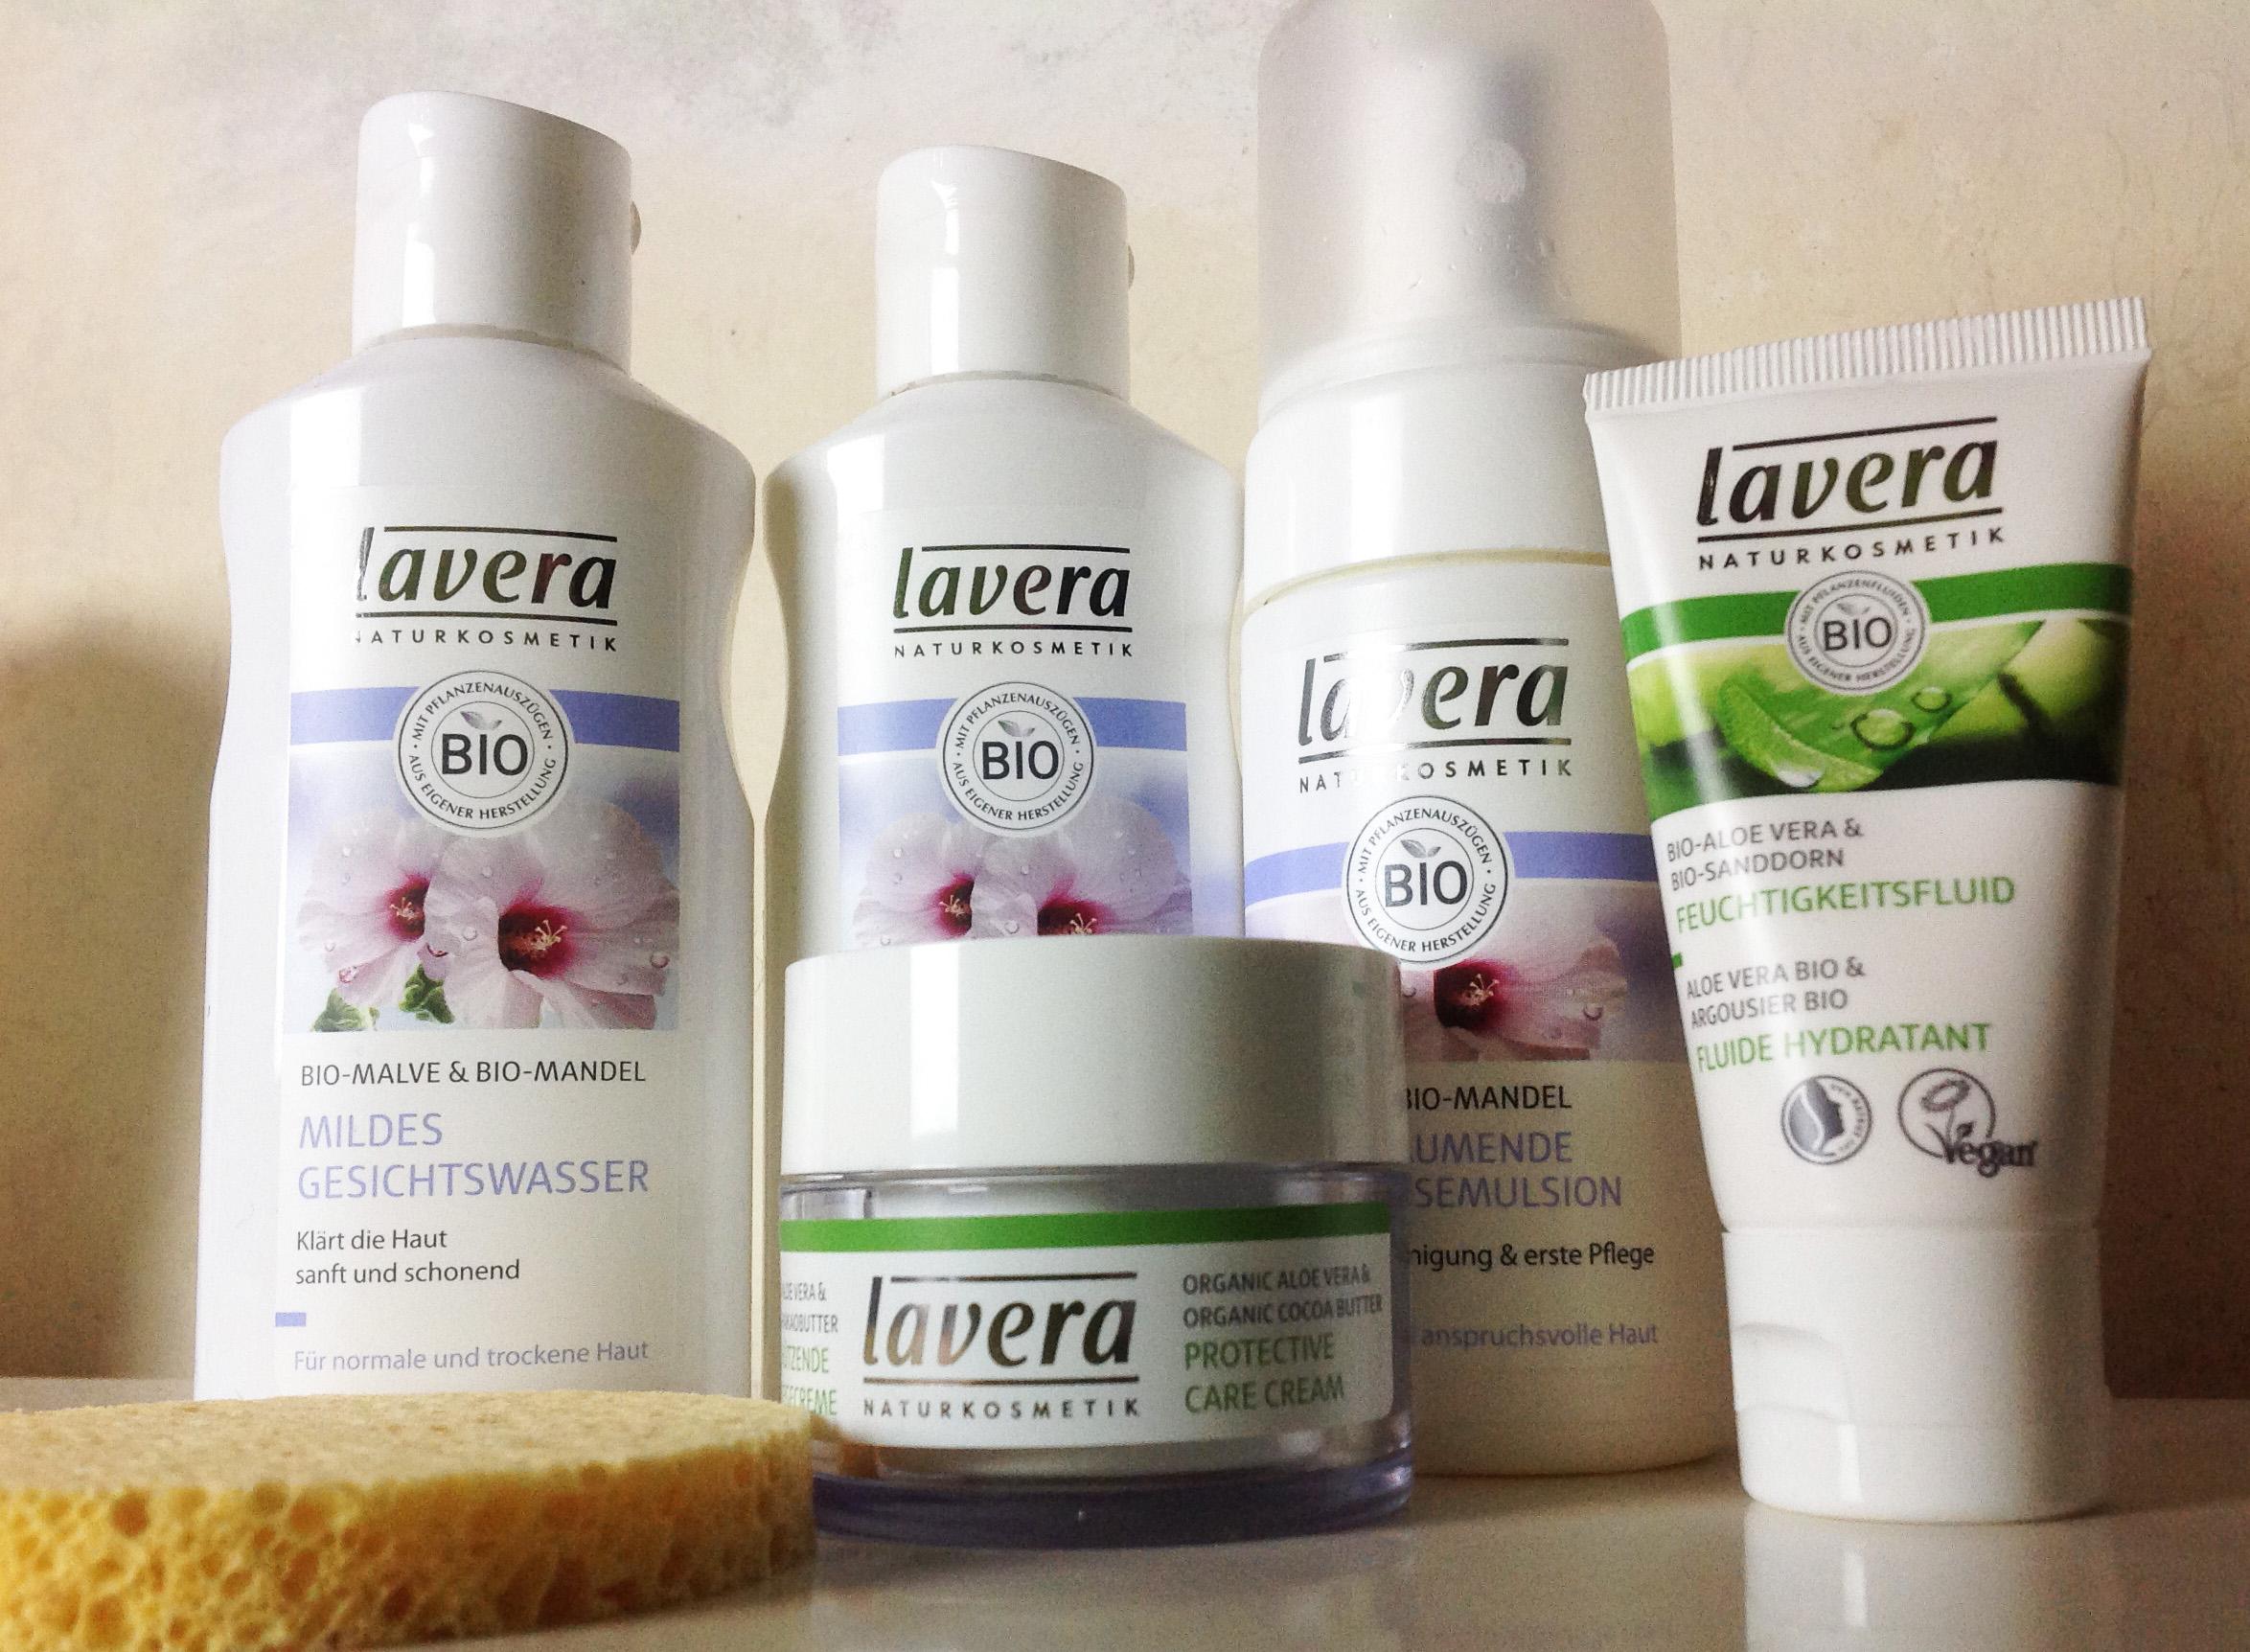 Lavera Gesichtspflege